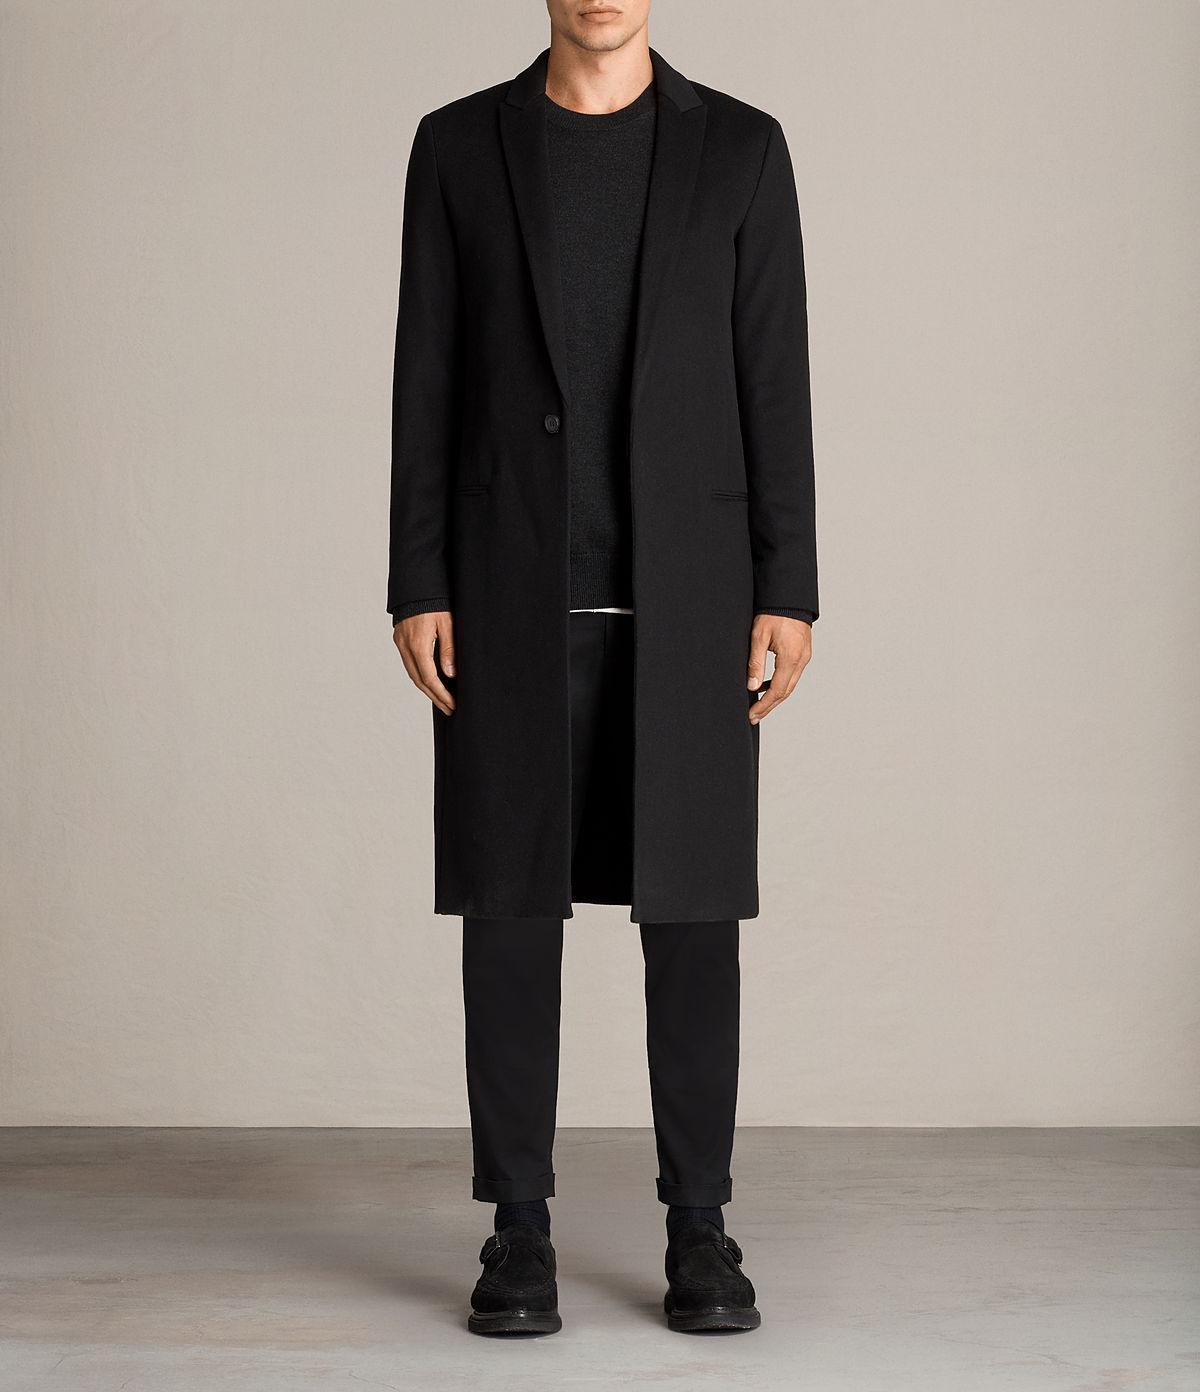 Bekleidung, Wäsche & Accessoires Bradford Coat